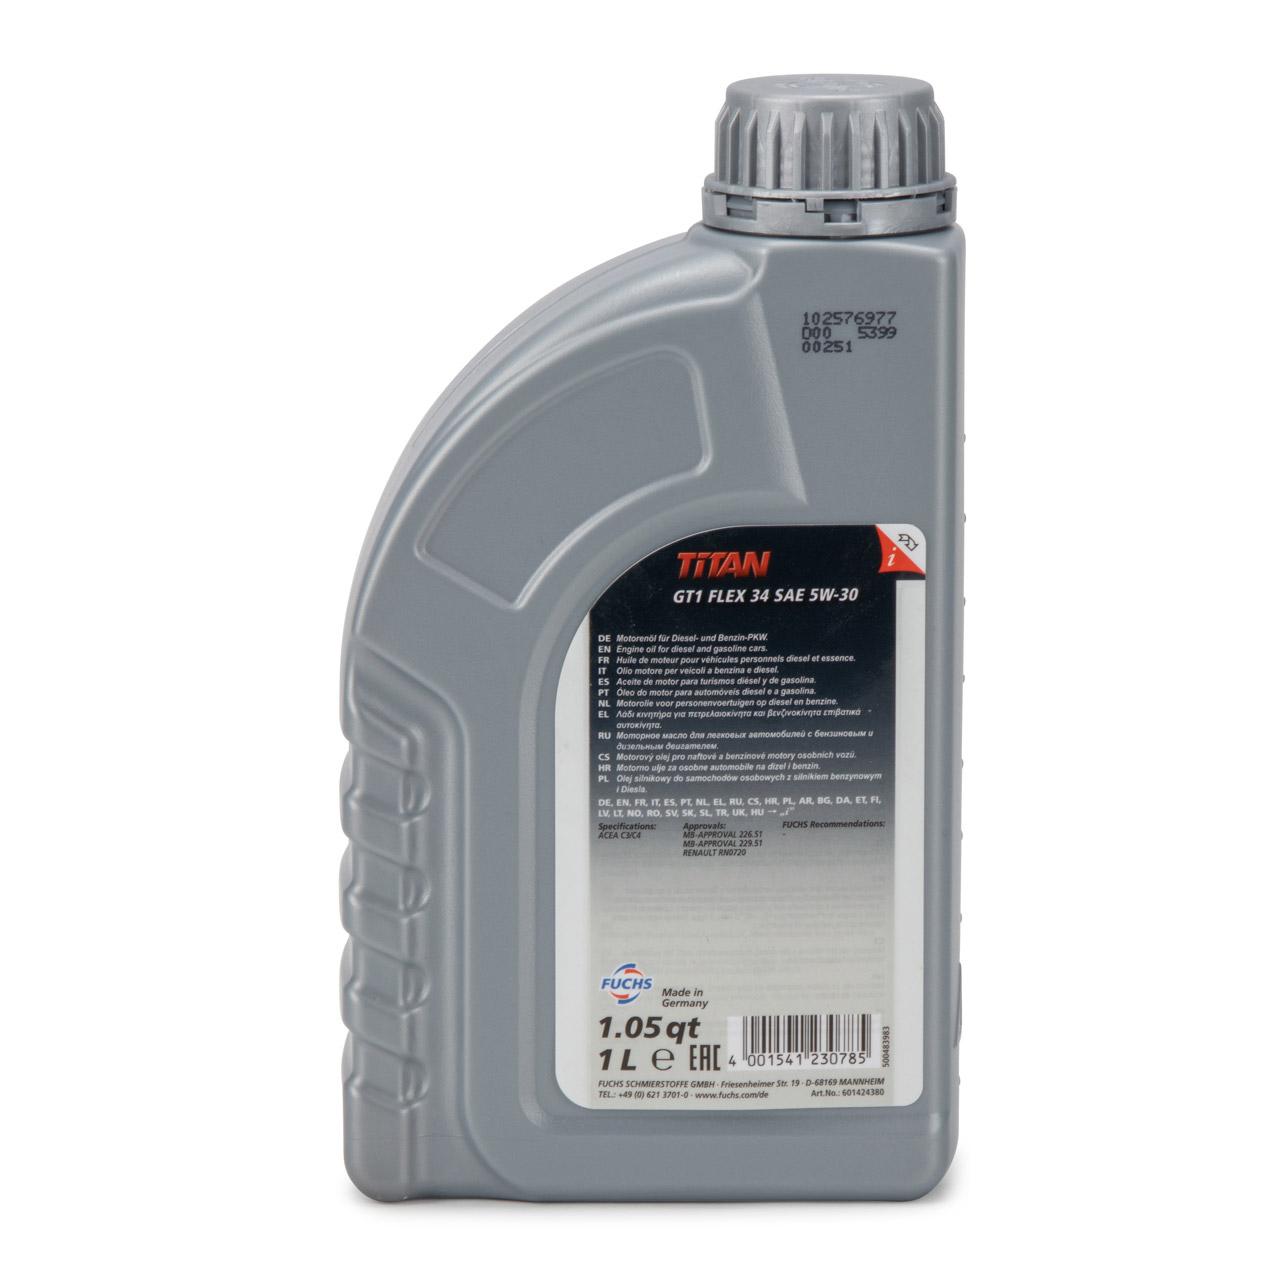 FUCHS Motoröl TITAN GT1 Flex 34 5W-30 5W30 MB 226.51 229.51 RN0720 - 1L 1 Liter